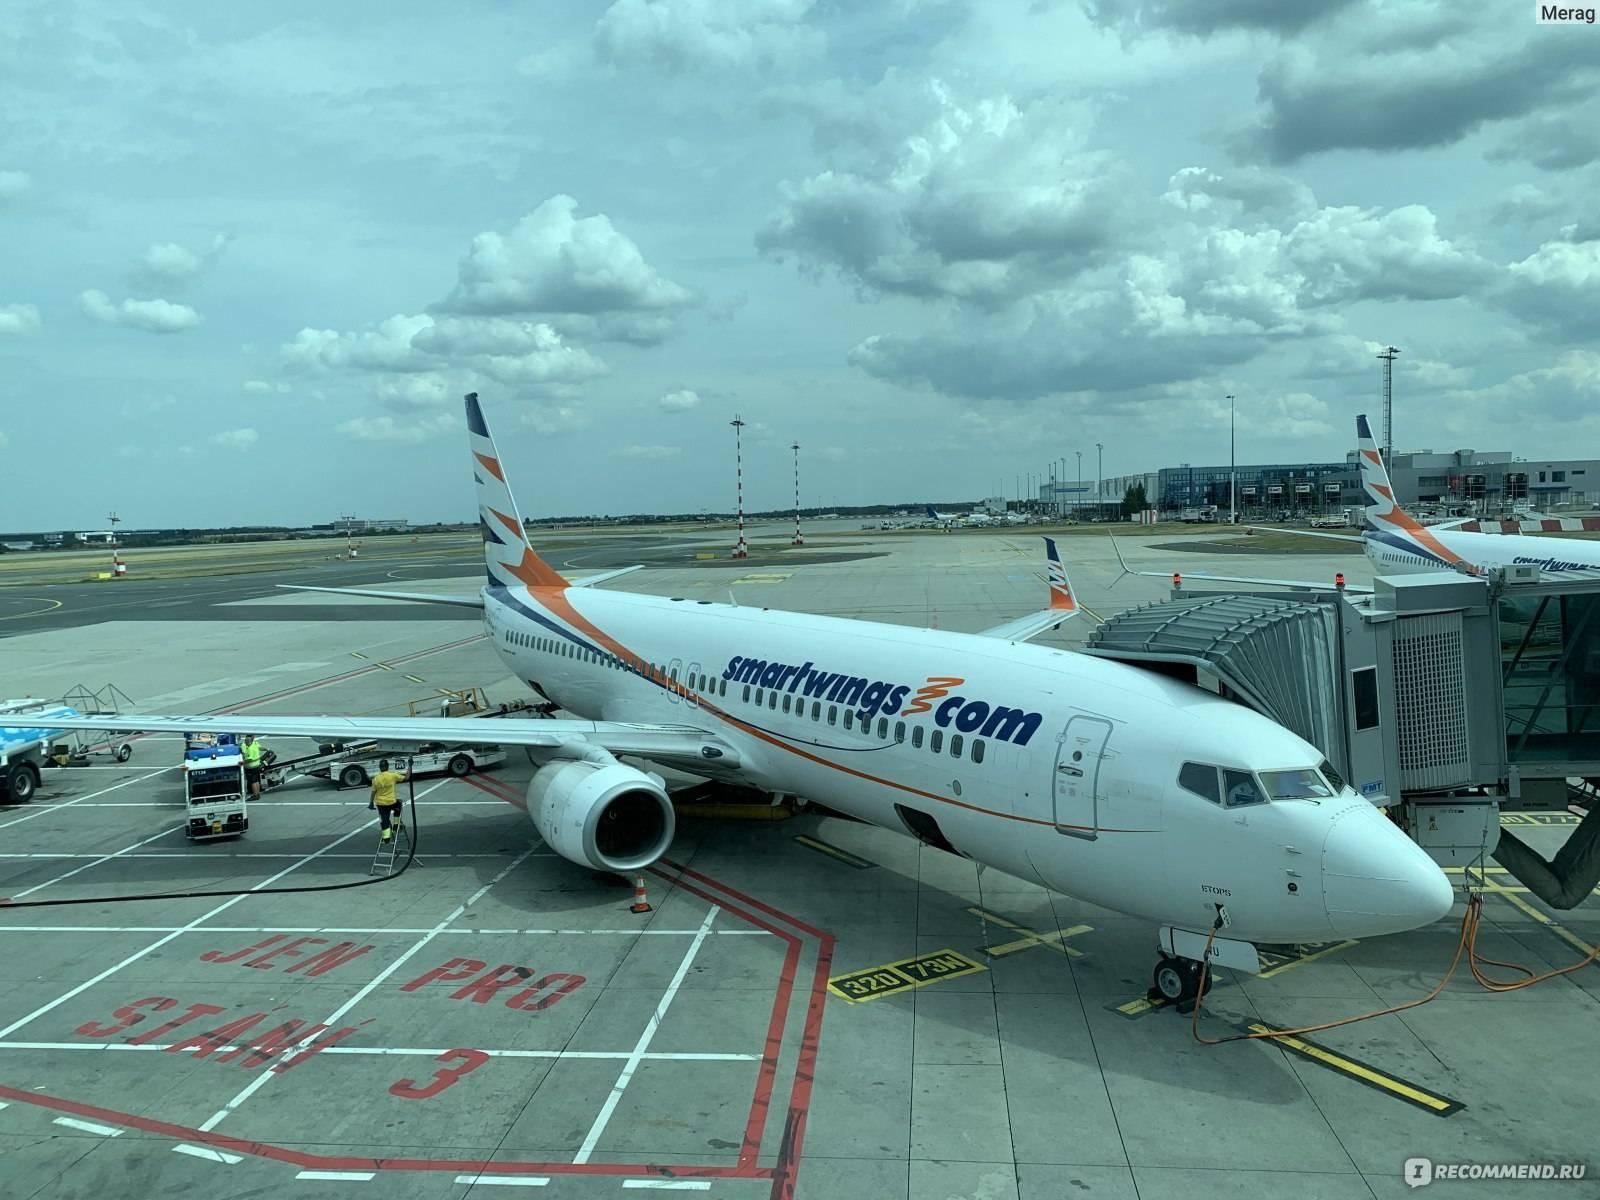 Как зарегистрироваться на самолет smart wings (чехия) через интернет и в терминале